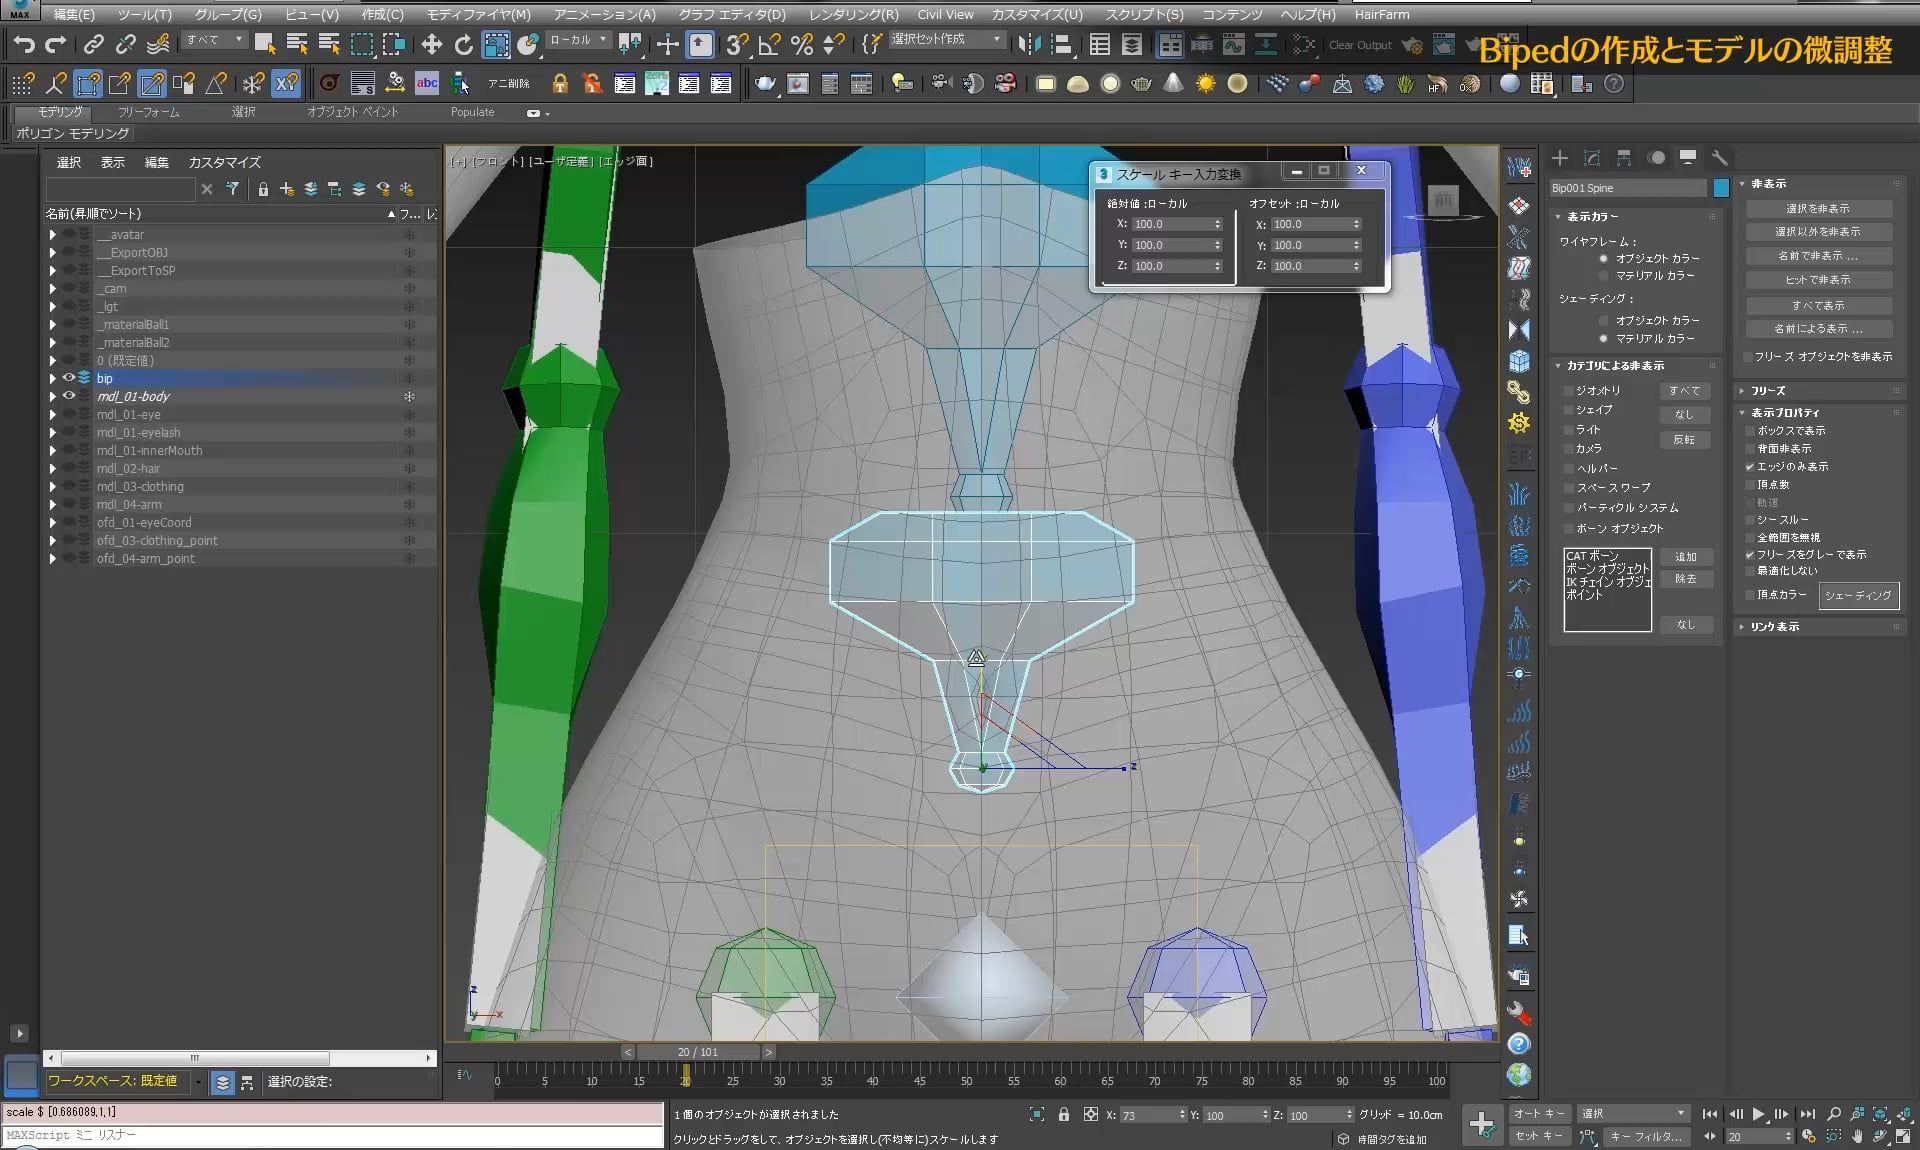 Characterarpeggio 3ds Max 2017 キャラクター作成術 第6回 骨格をイメージしてbipedを配置 Animation 3d Model Tutorial